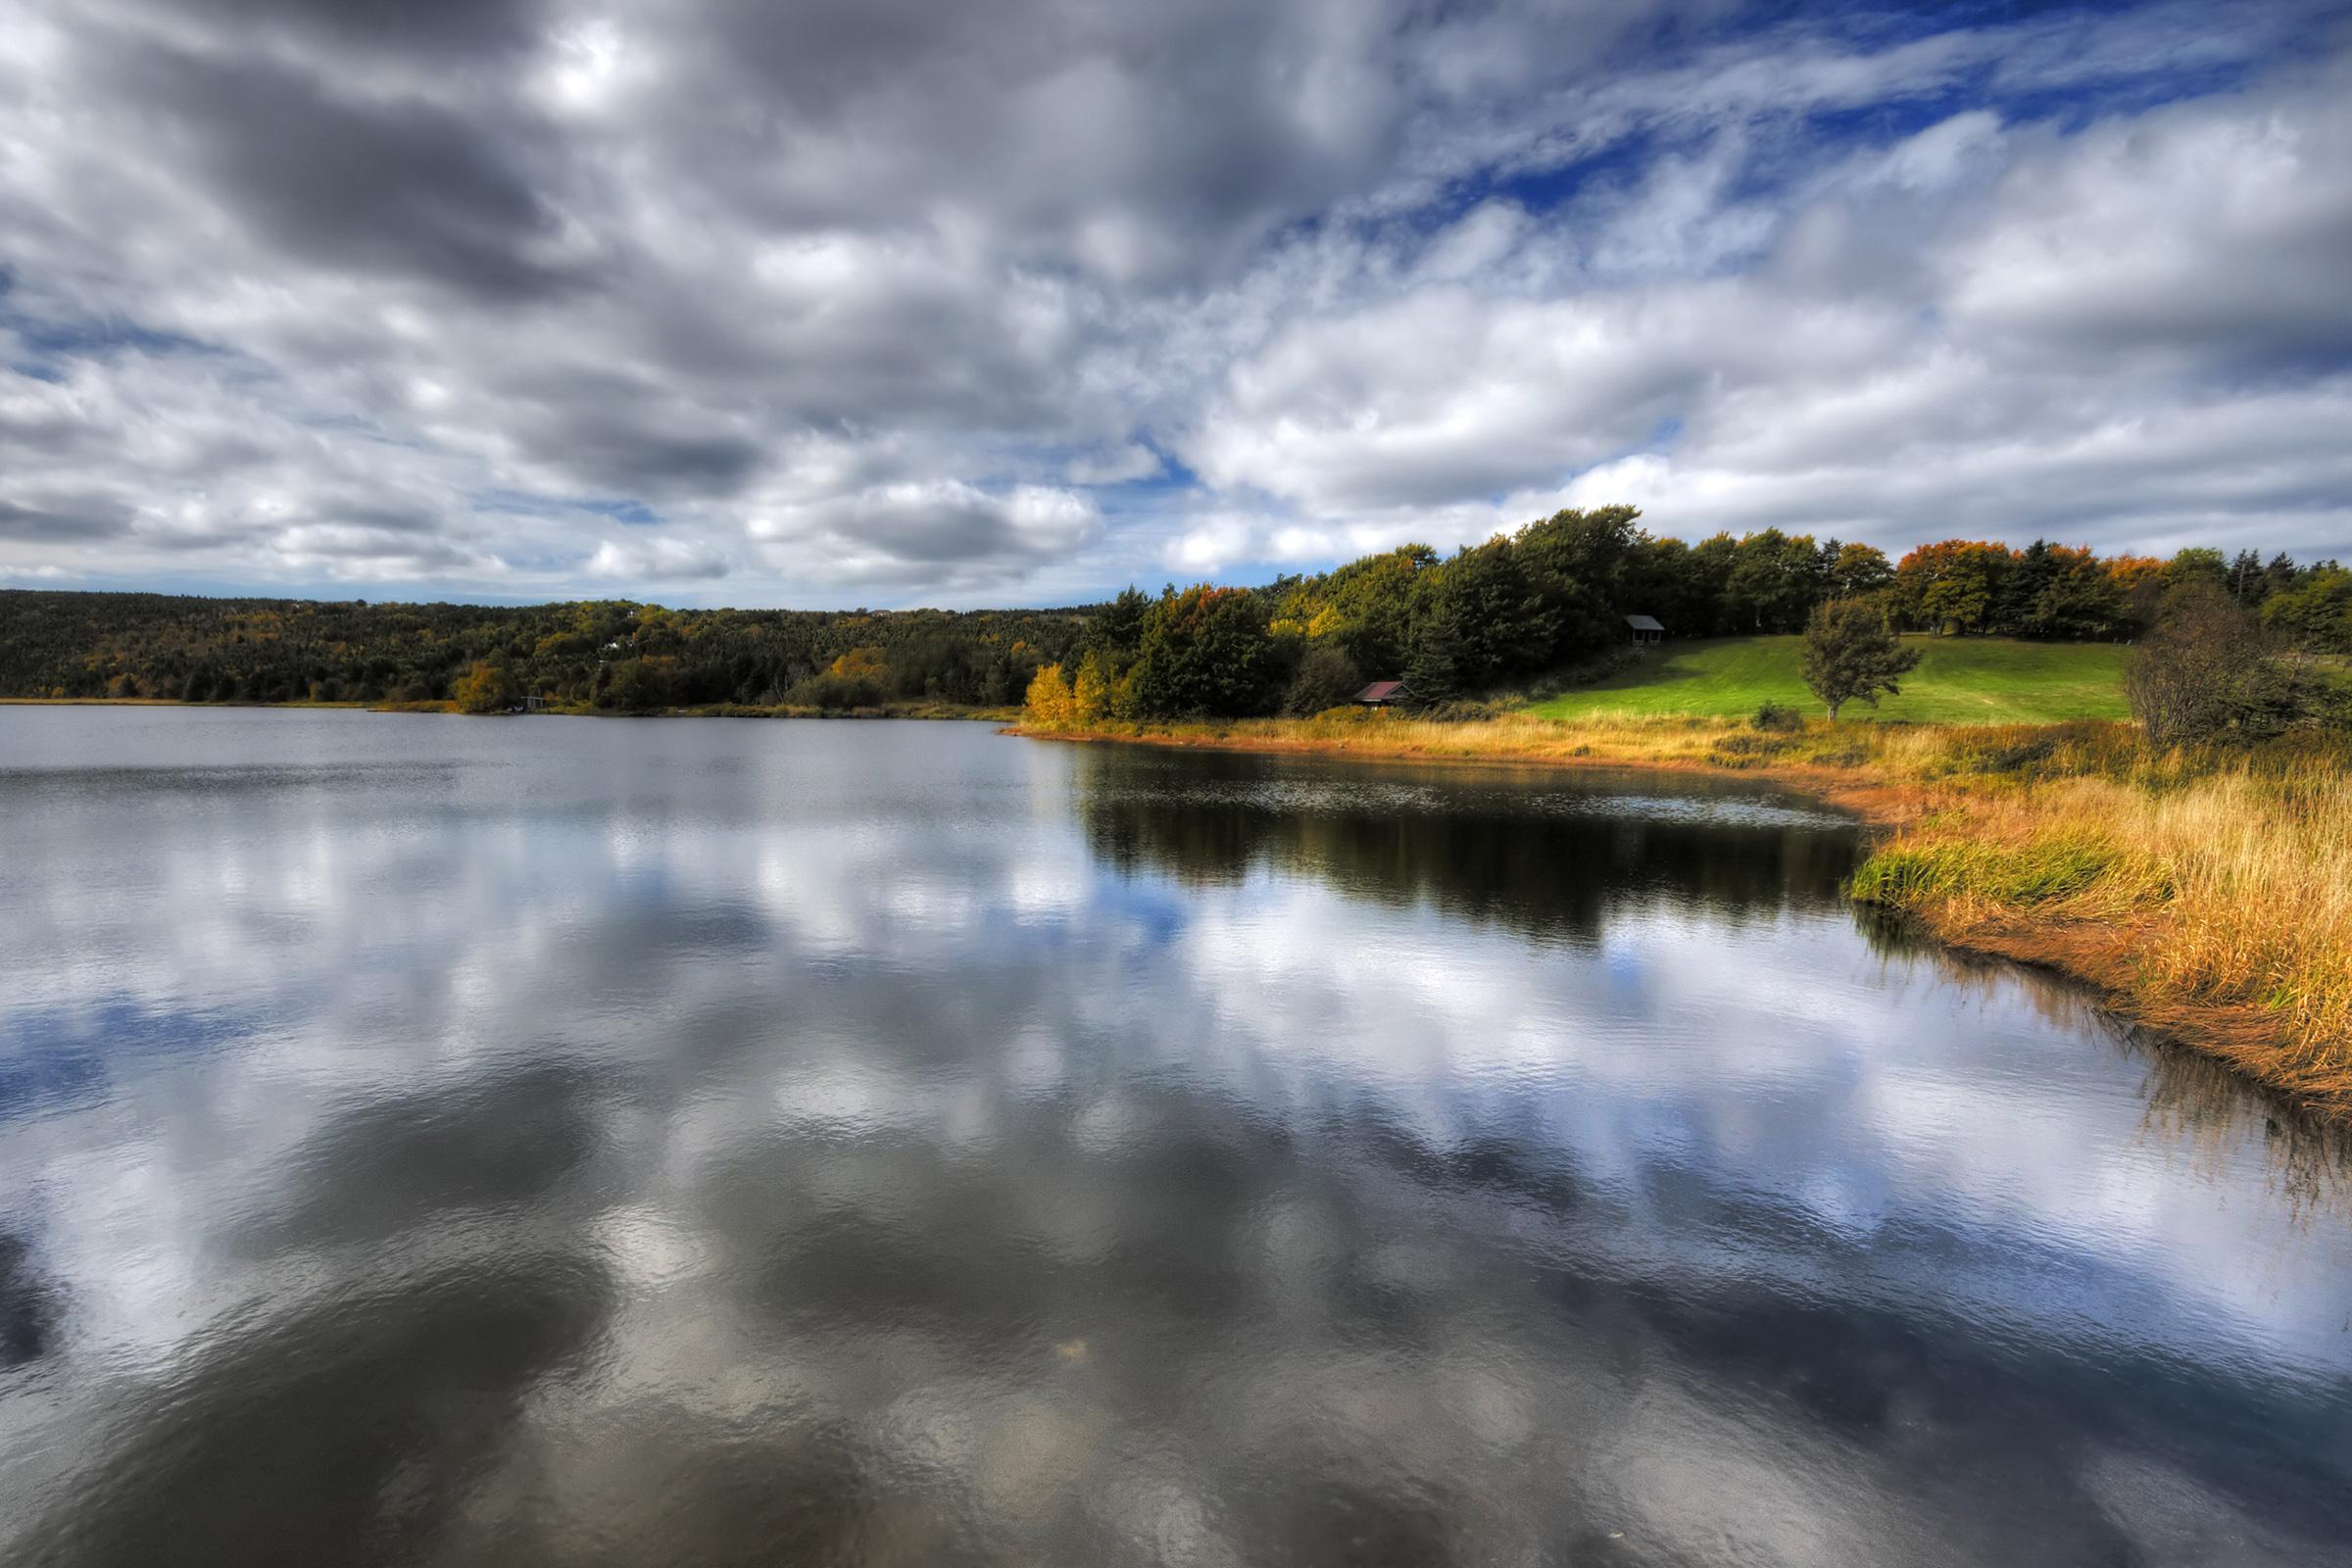 Autumn landscape photo